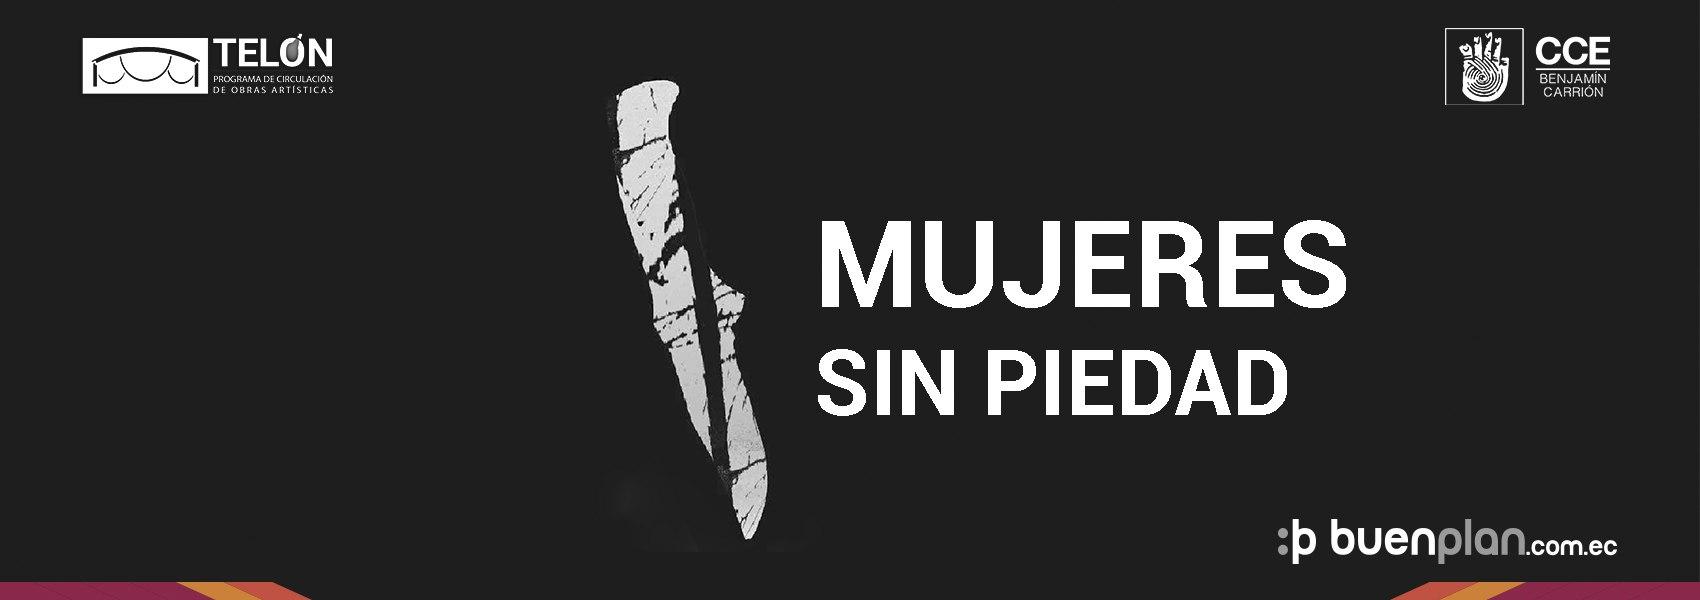 Mujeres sin Piedad - 31 de Julio en Quito - Ecuador, BuenPlan